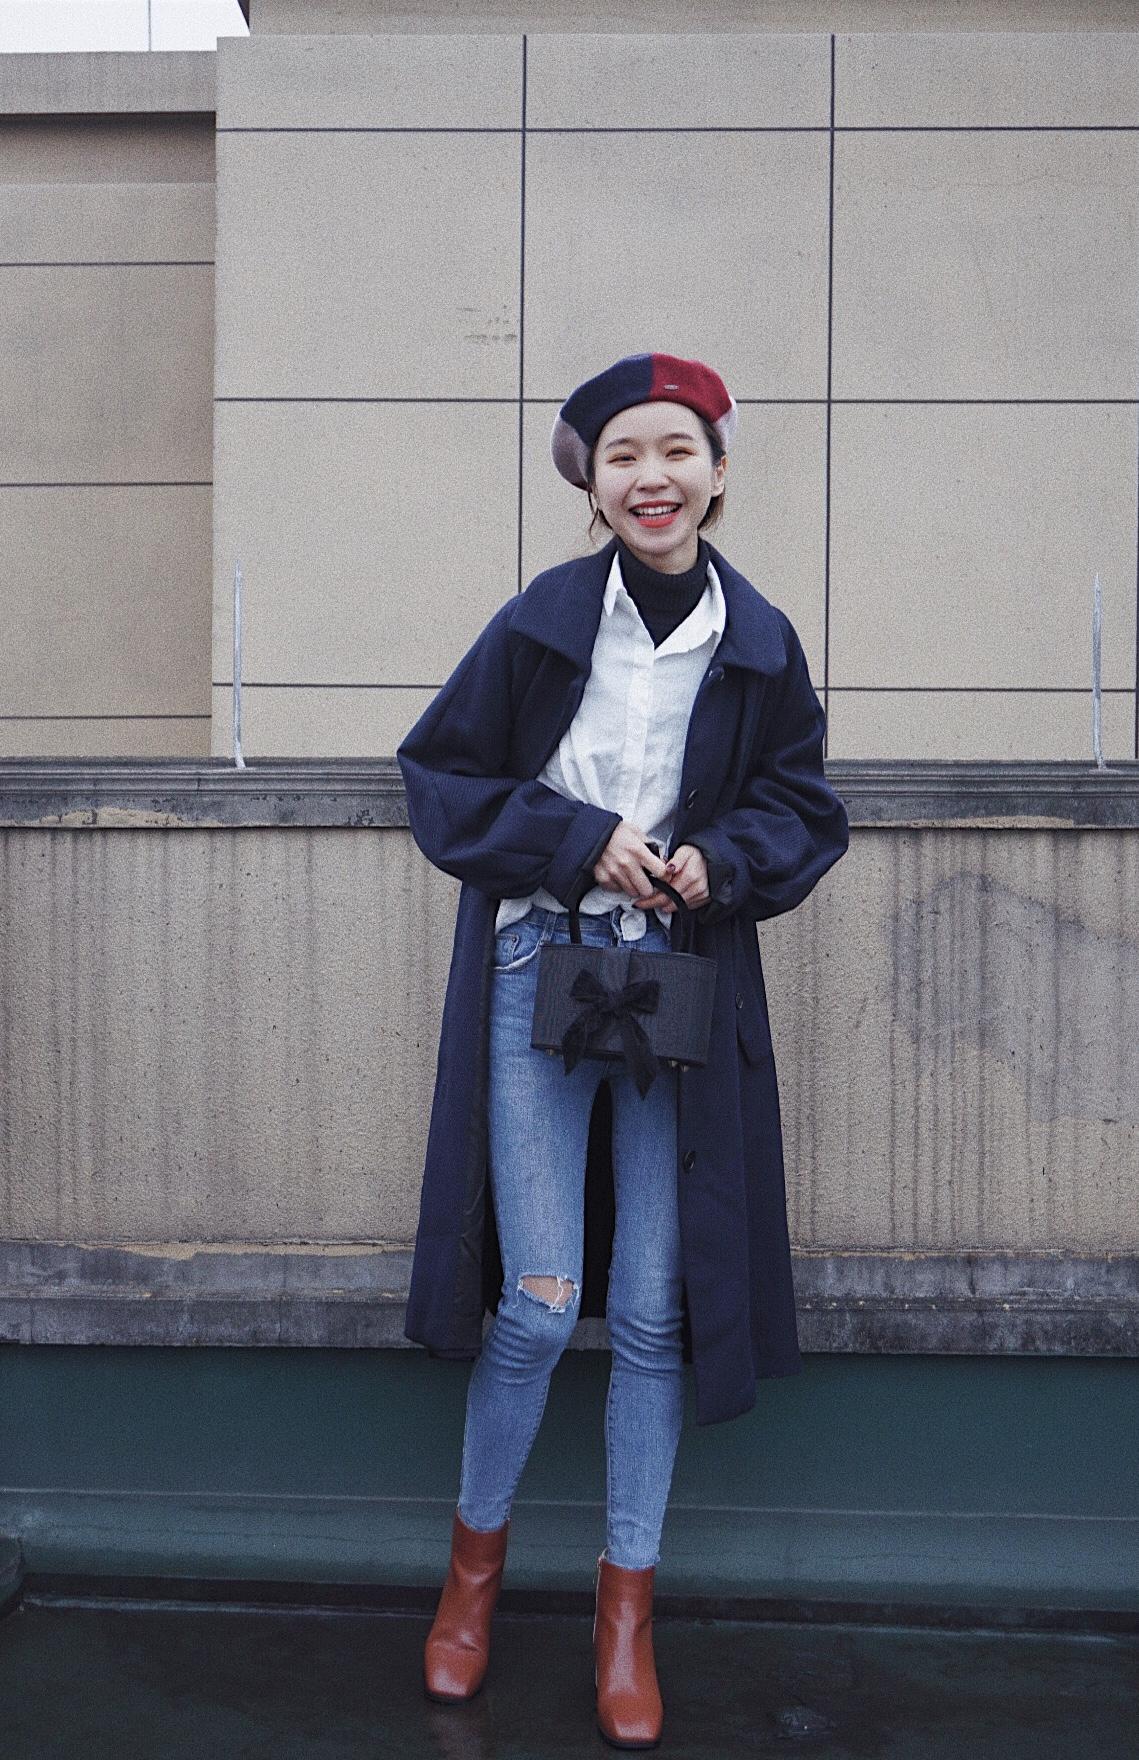 Lin's ootd #石原里美又喊我买贝雷帽了!#     这顶走哪儿都被夸的贝雷帽,是我今年冬天最爱的帽子了。拼色设计不浮夸,有质感又复古。     搭配藏青色大衣,里面衬衫和高领衫叠穿,精致的蝴蝶结手提包增色不少。再用一顶出色的帽子来点亮全身色彩,仿佛自己是精致的韩剧女主。